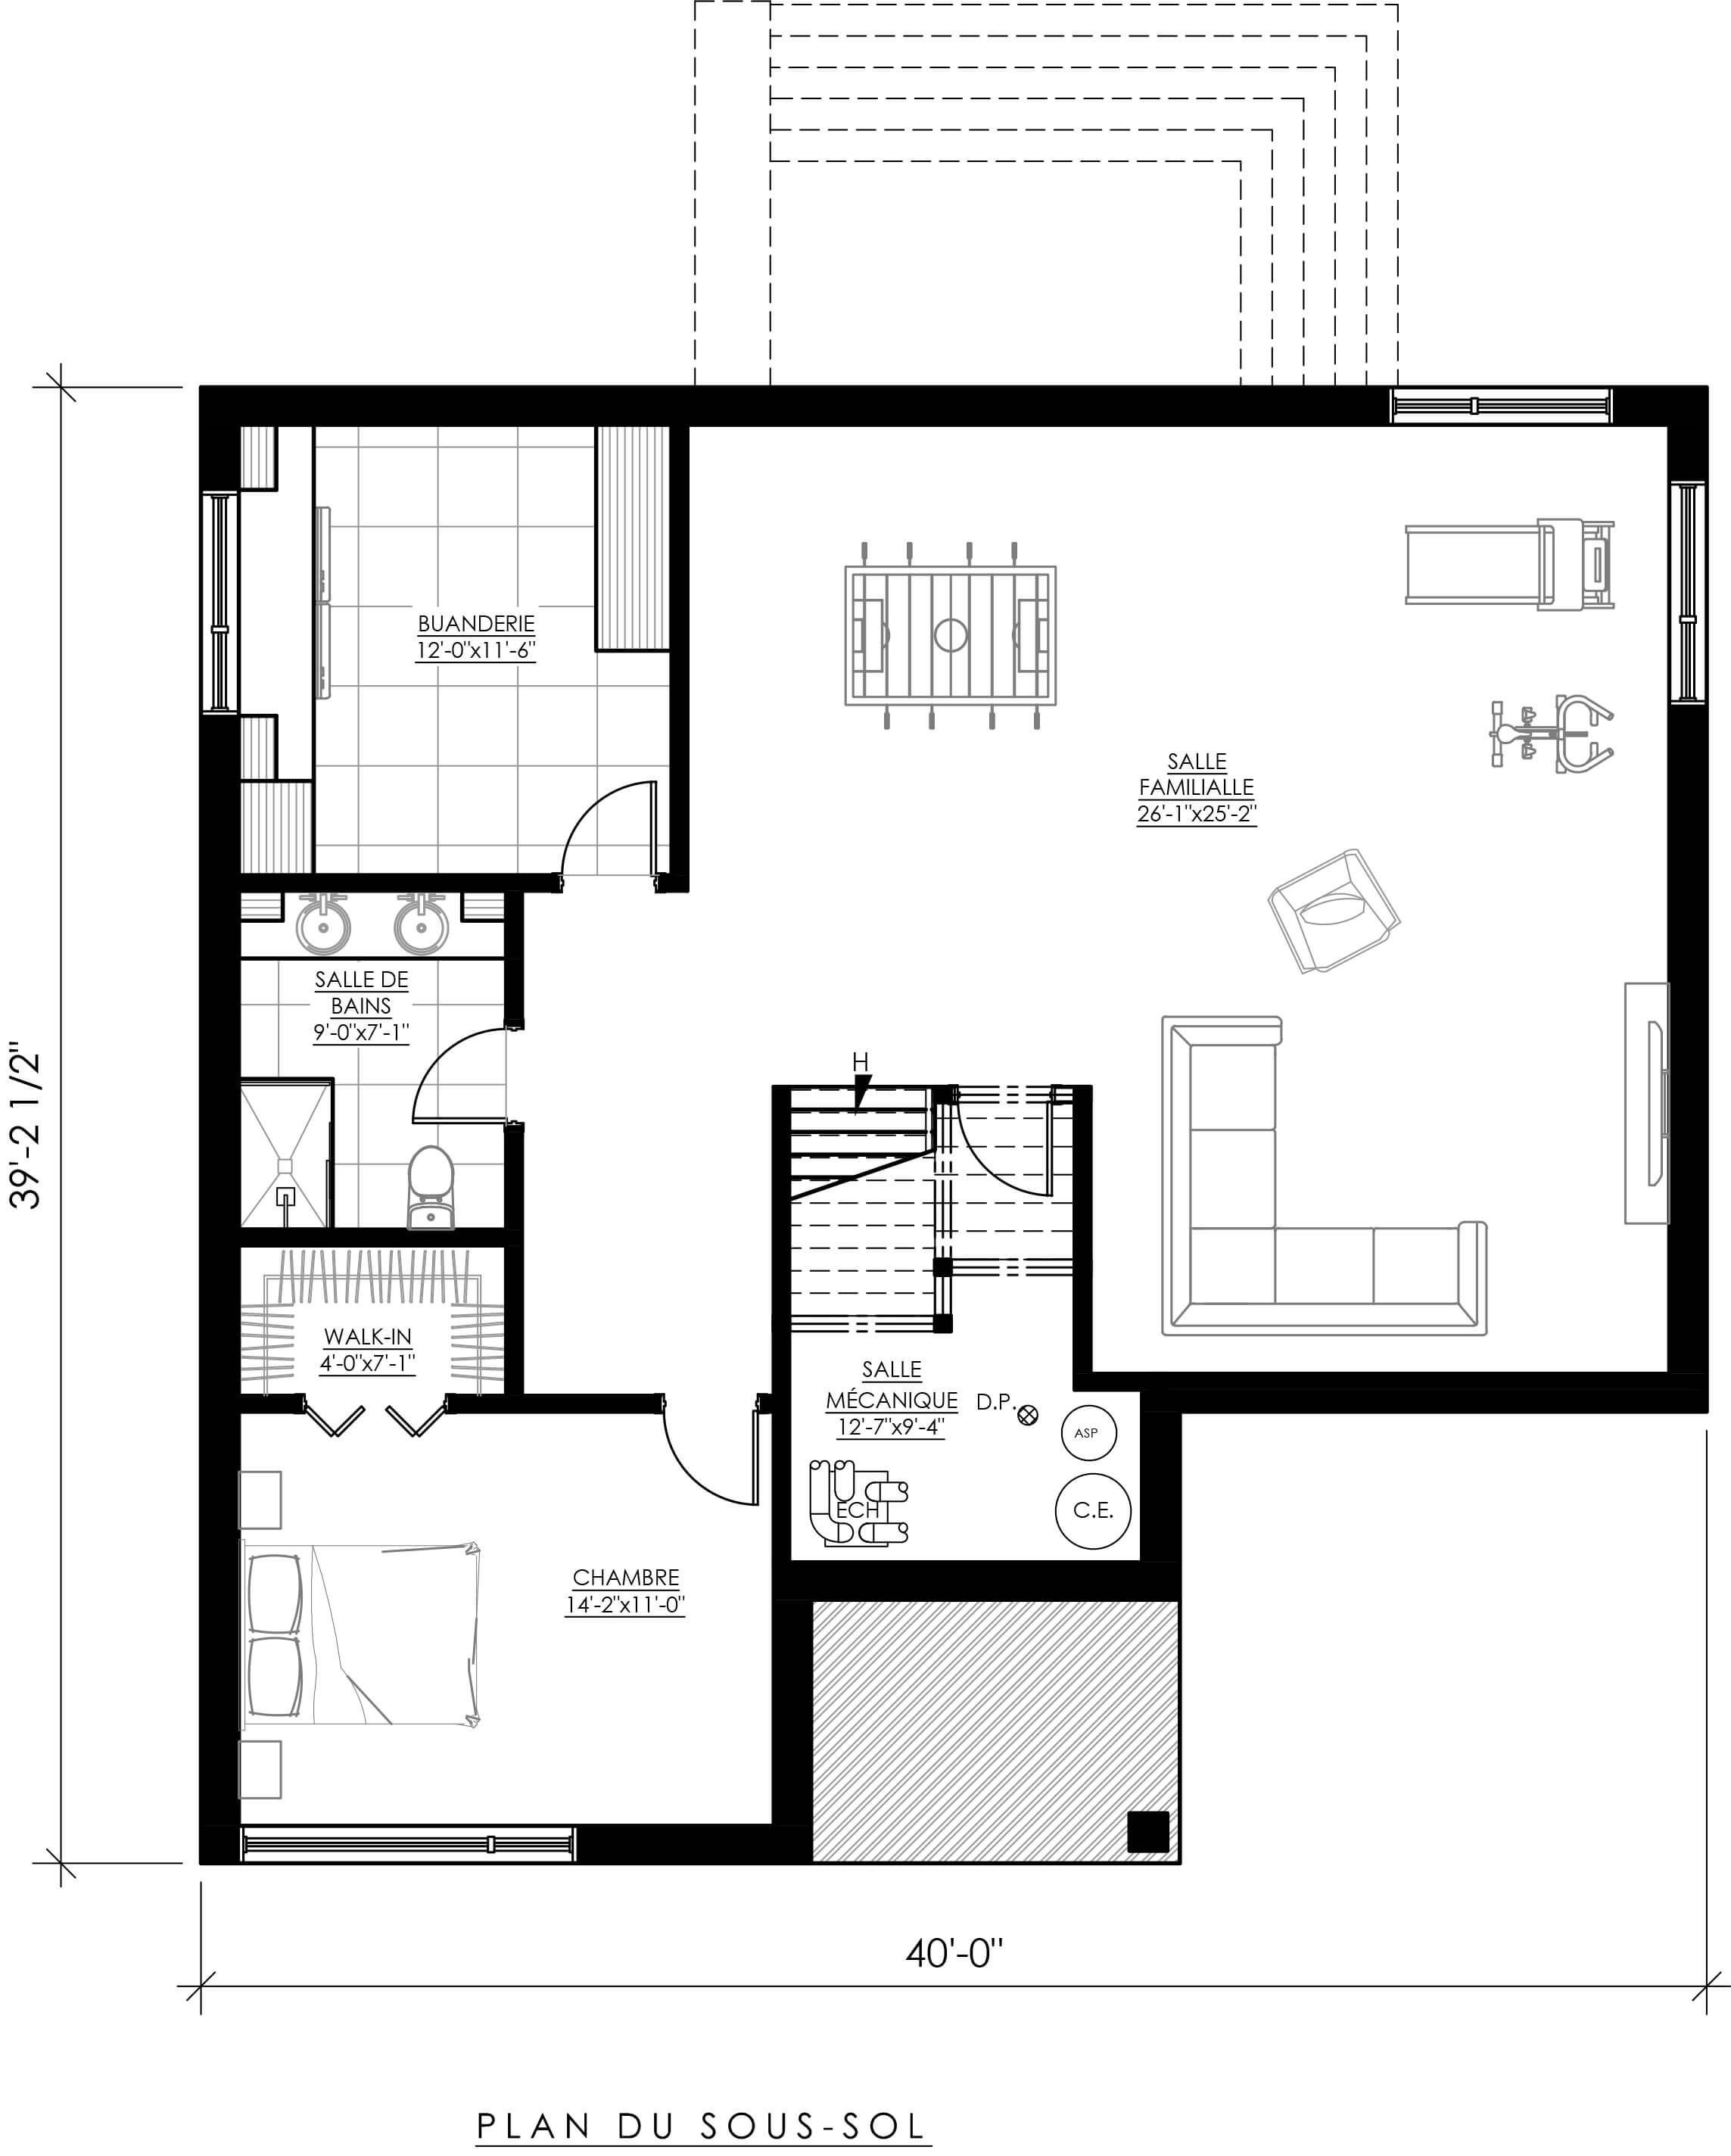 plan de maison 1/2 sous sol